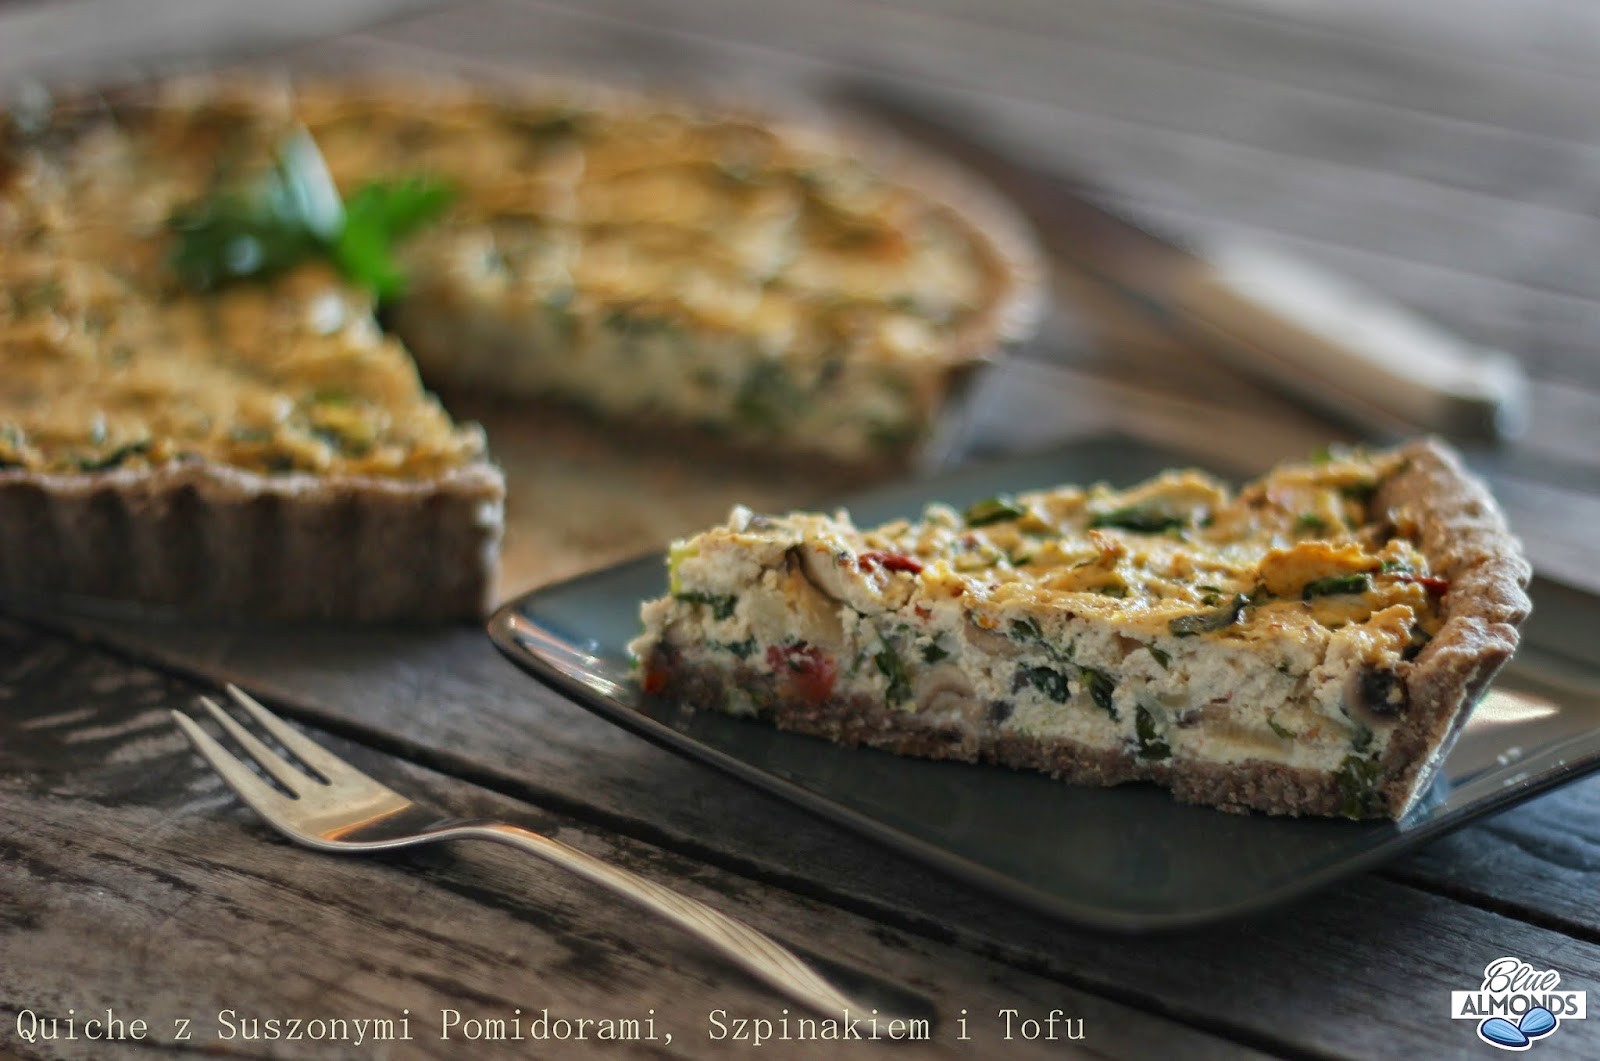 Quiche z Suszonymi Pomidorami, Szpinakiem & Tofu